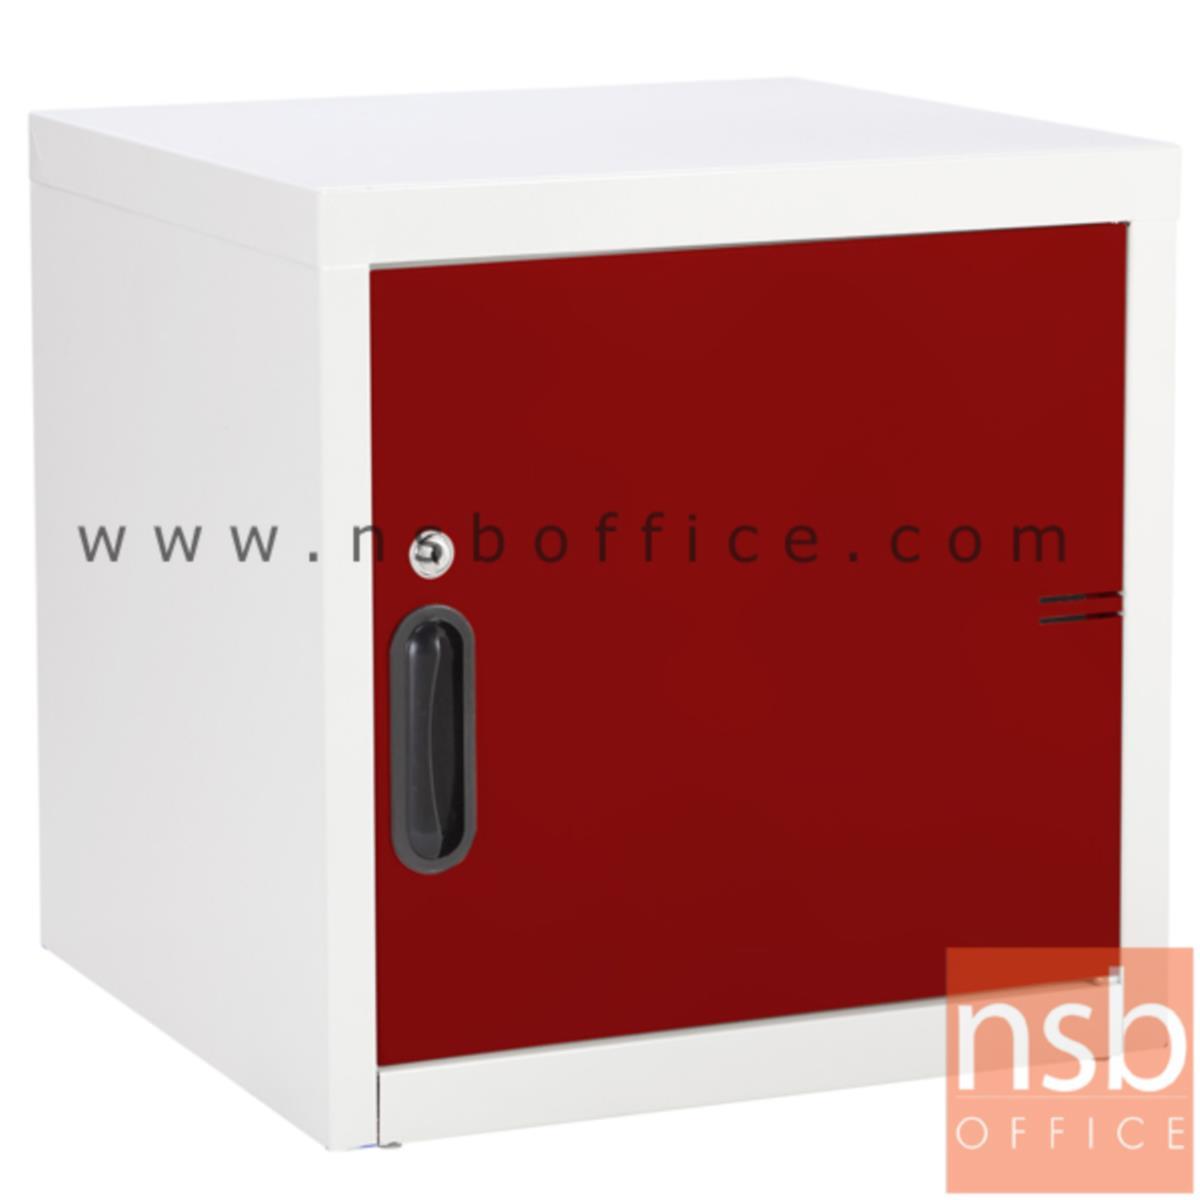 ตู้เหล็ก 1 บานเปิดทึบ หน้าบานสีสัน 44W*40.7D*44H cm รุ่น UNI-1